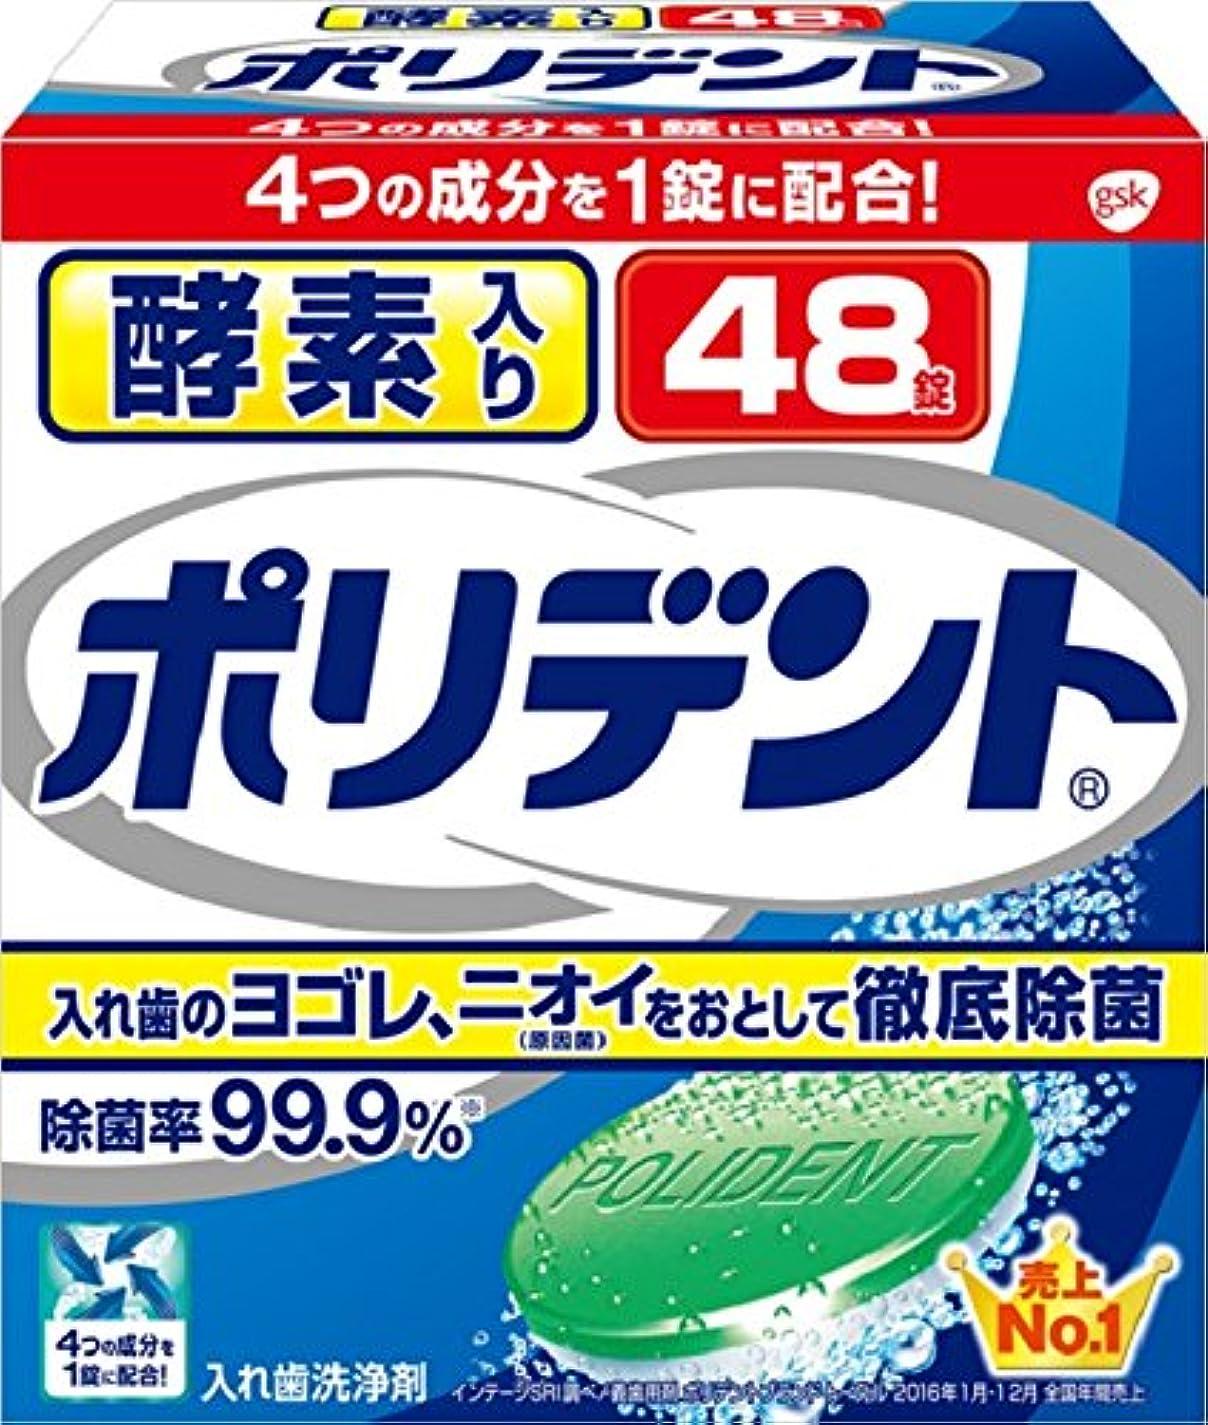 銃調整可能かご入れ歯洗浄剤 酵素入り ポリデント 48錠